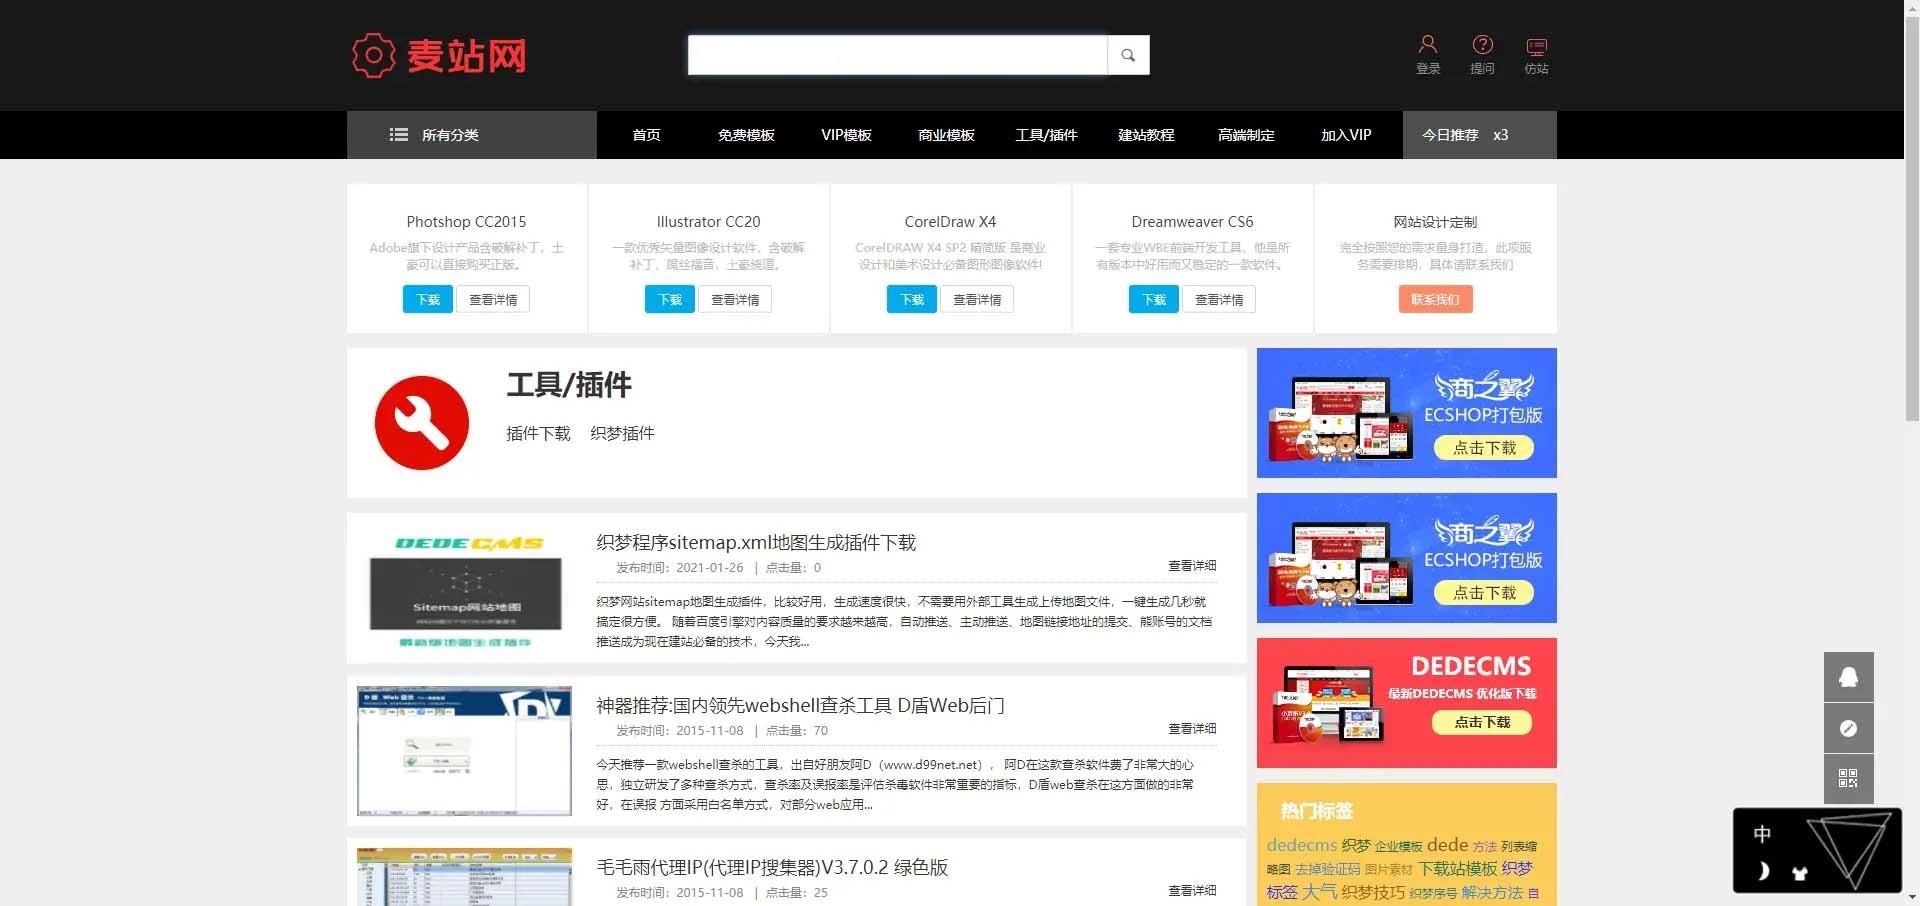 仿麦站网模版源代码|织梦cmsdedecms虚拟物品软件下载站模版源代码